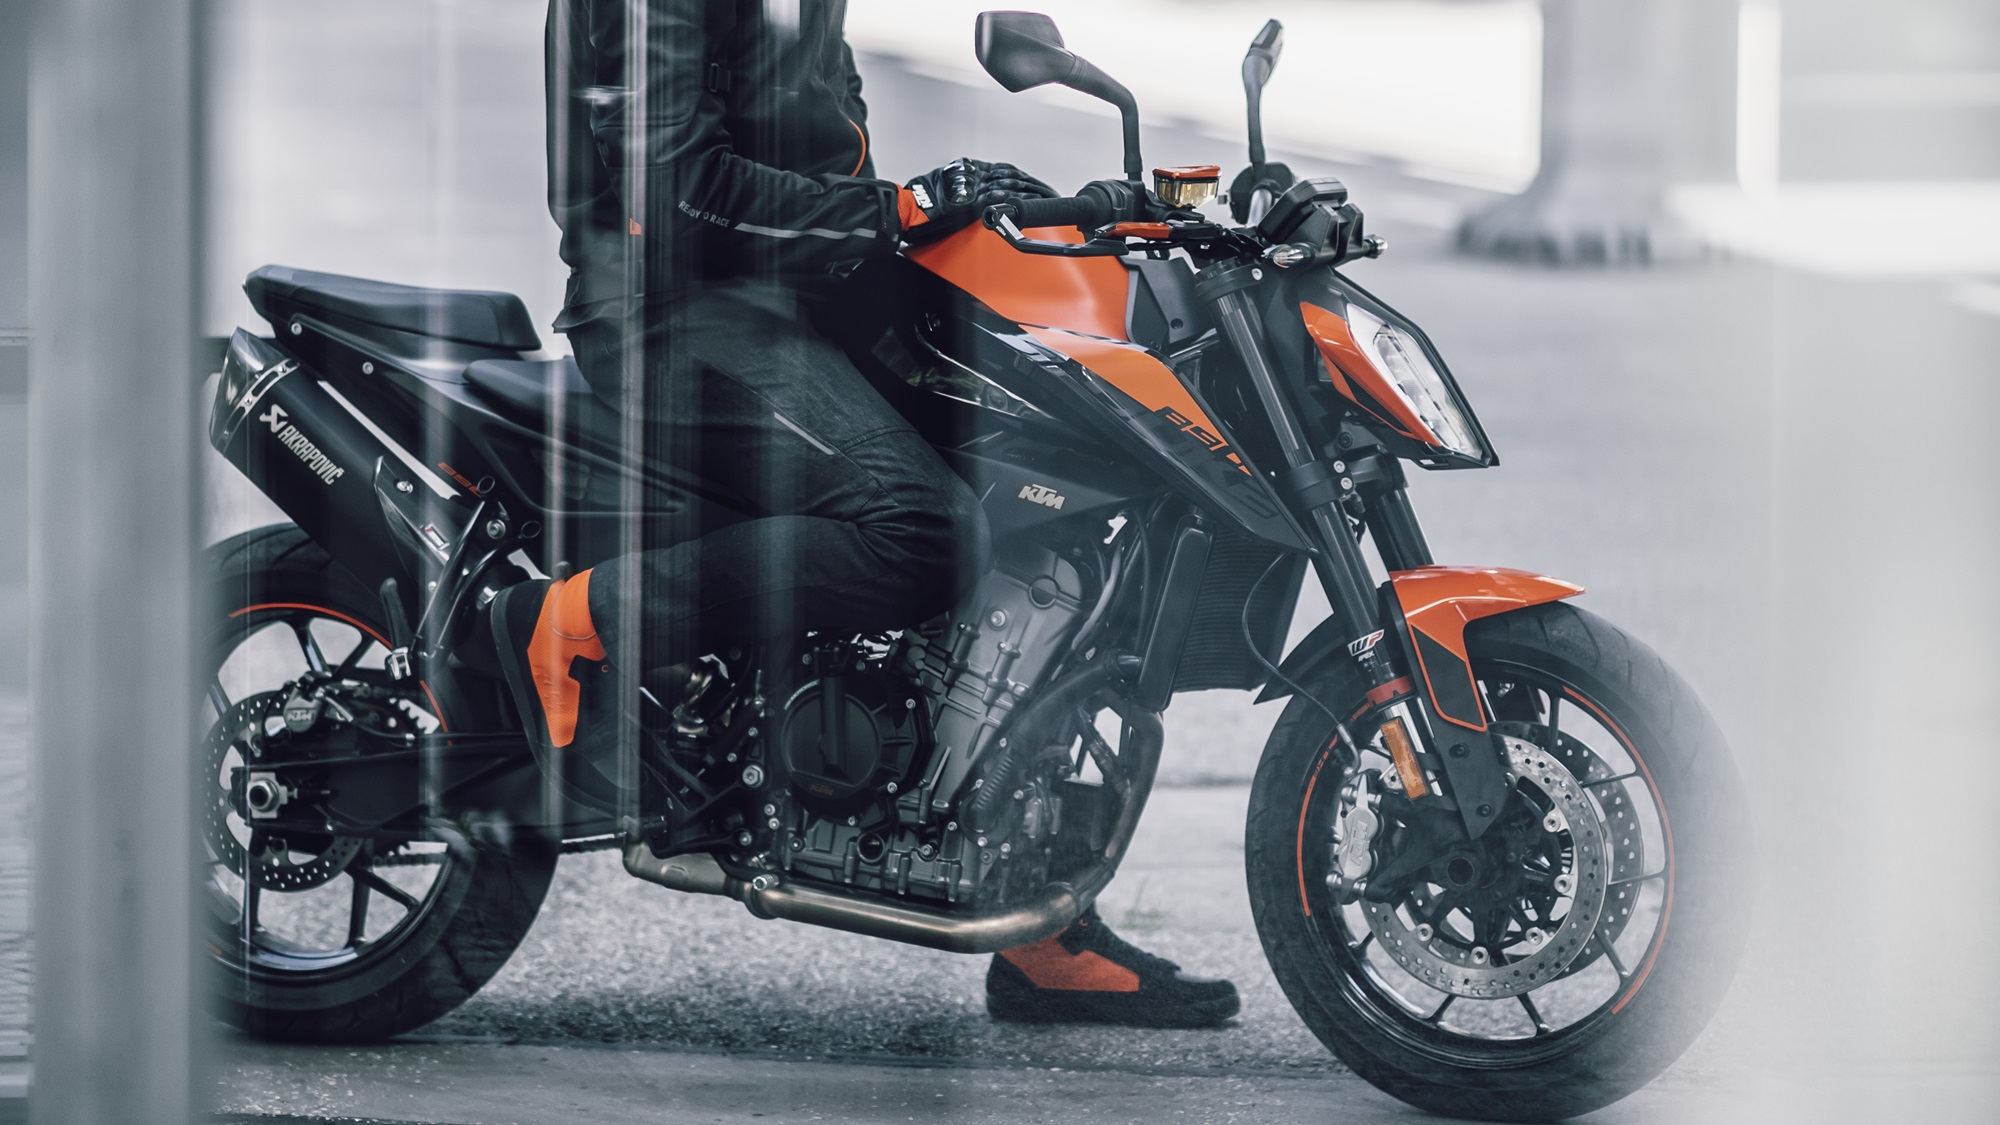 KTM 890 Duke HD wallpapers